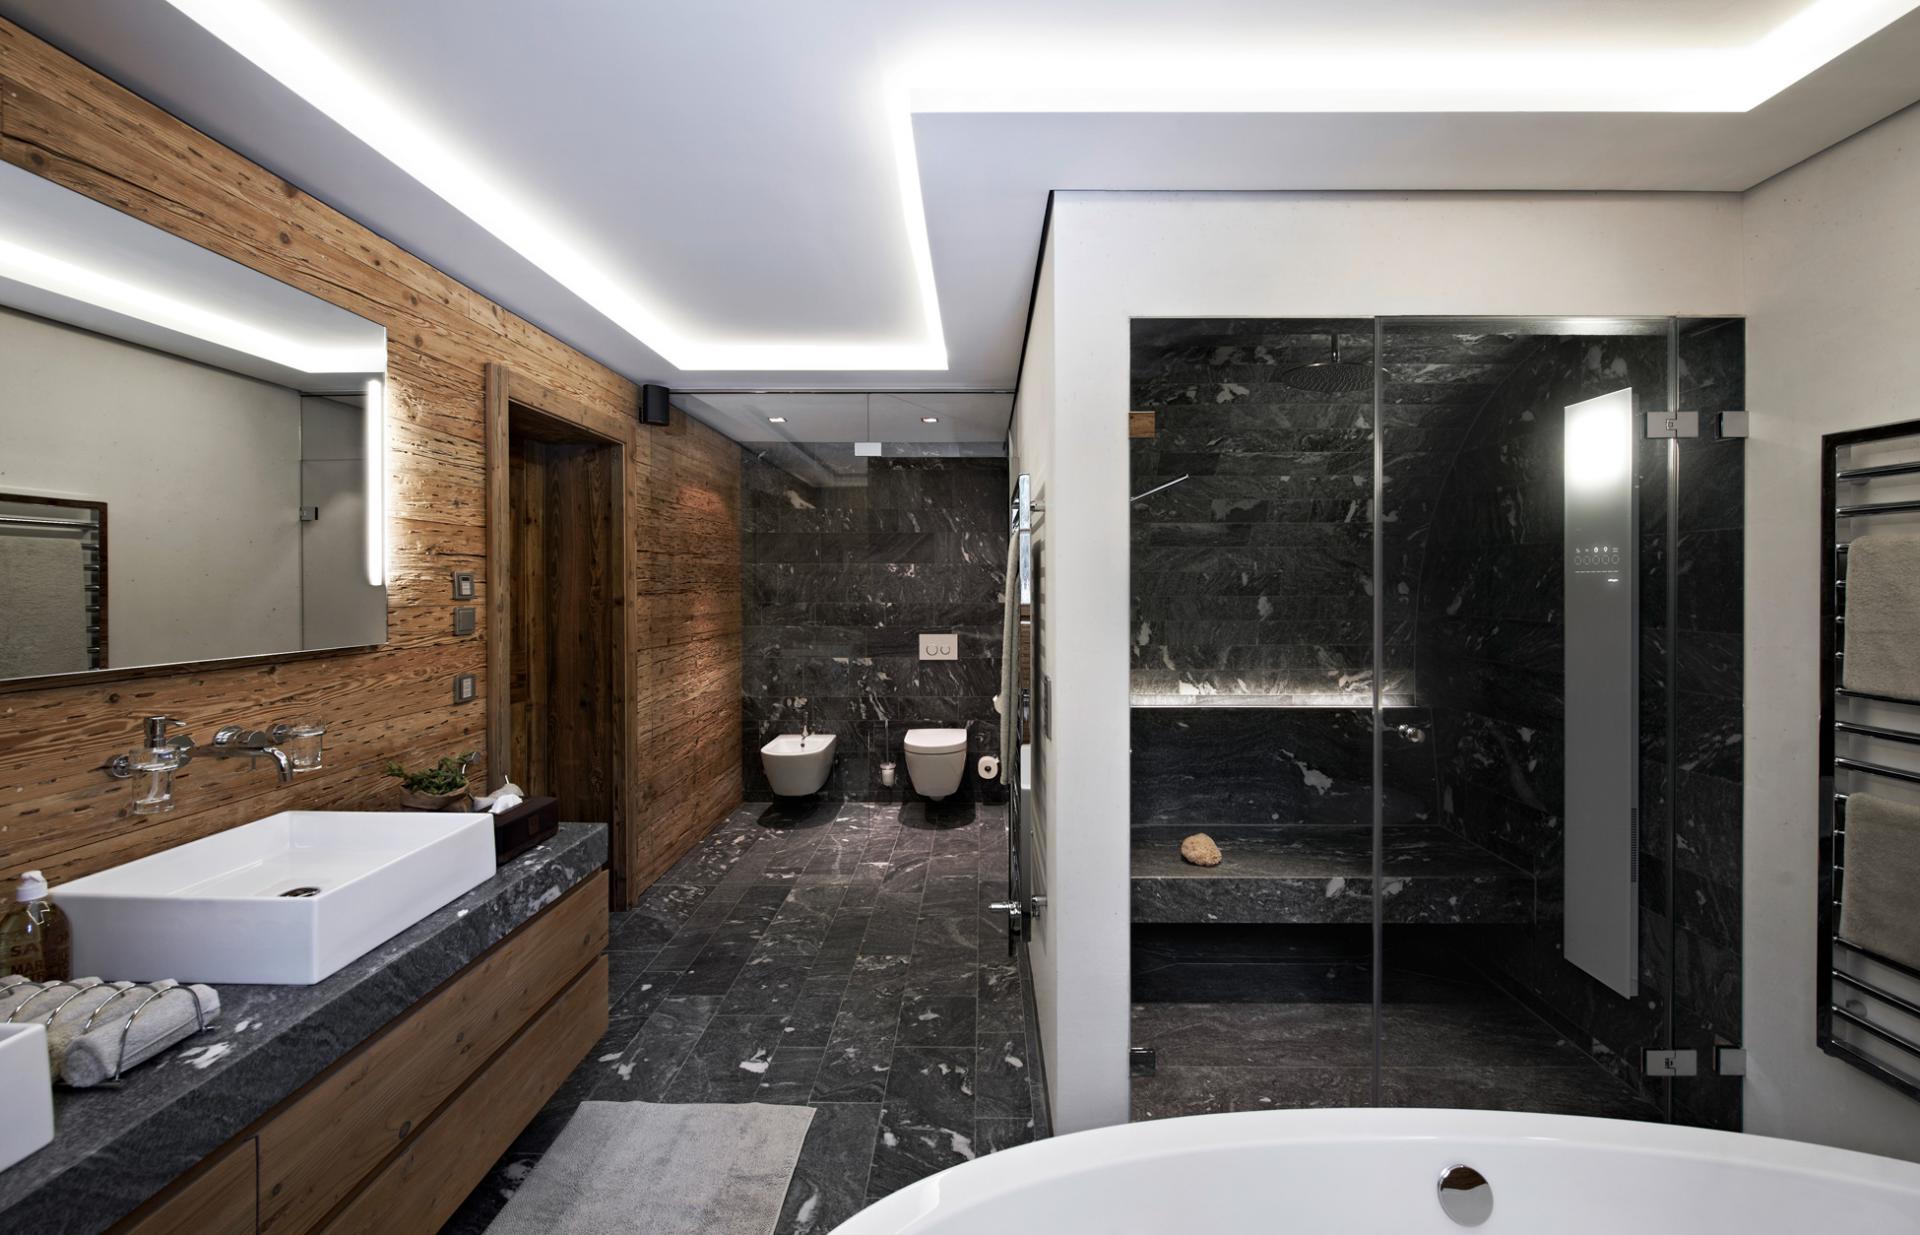 Ванная комната в современном стиле большая